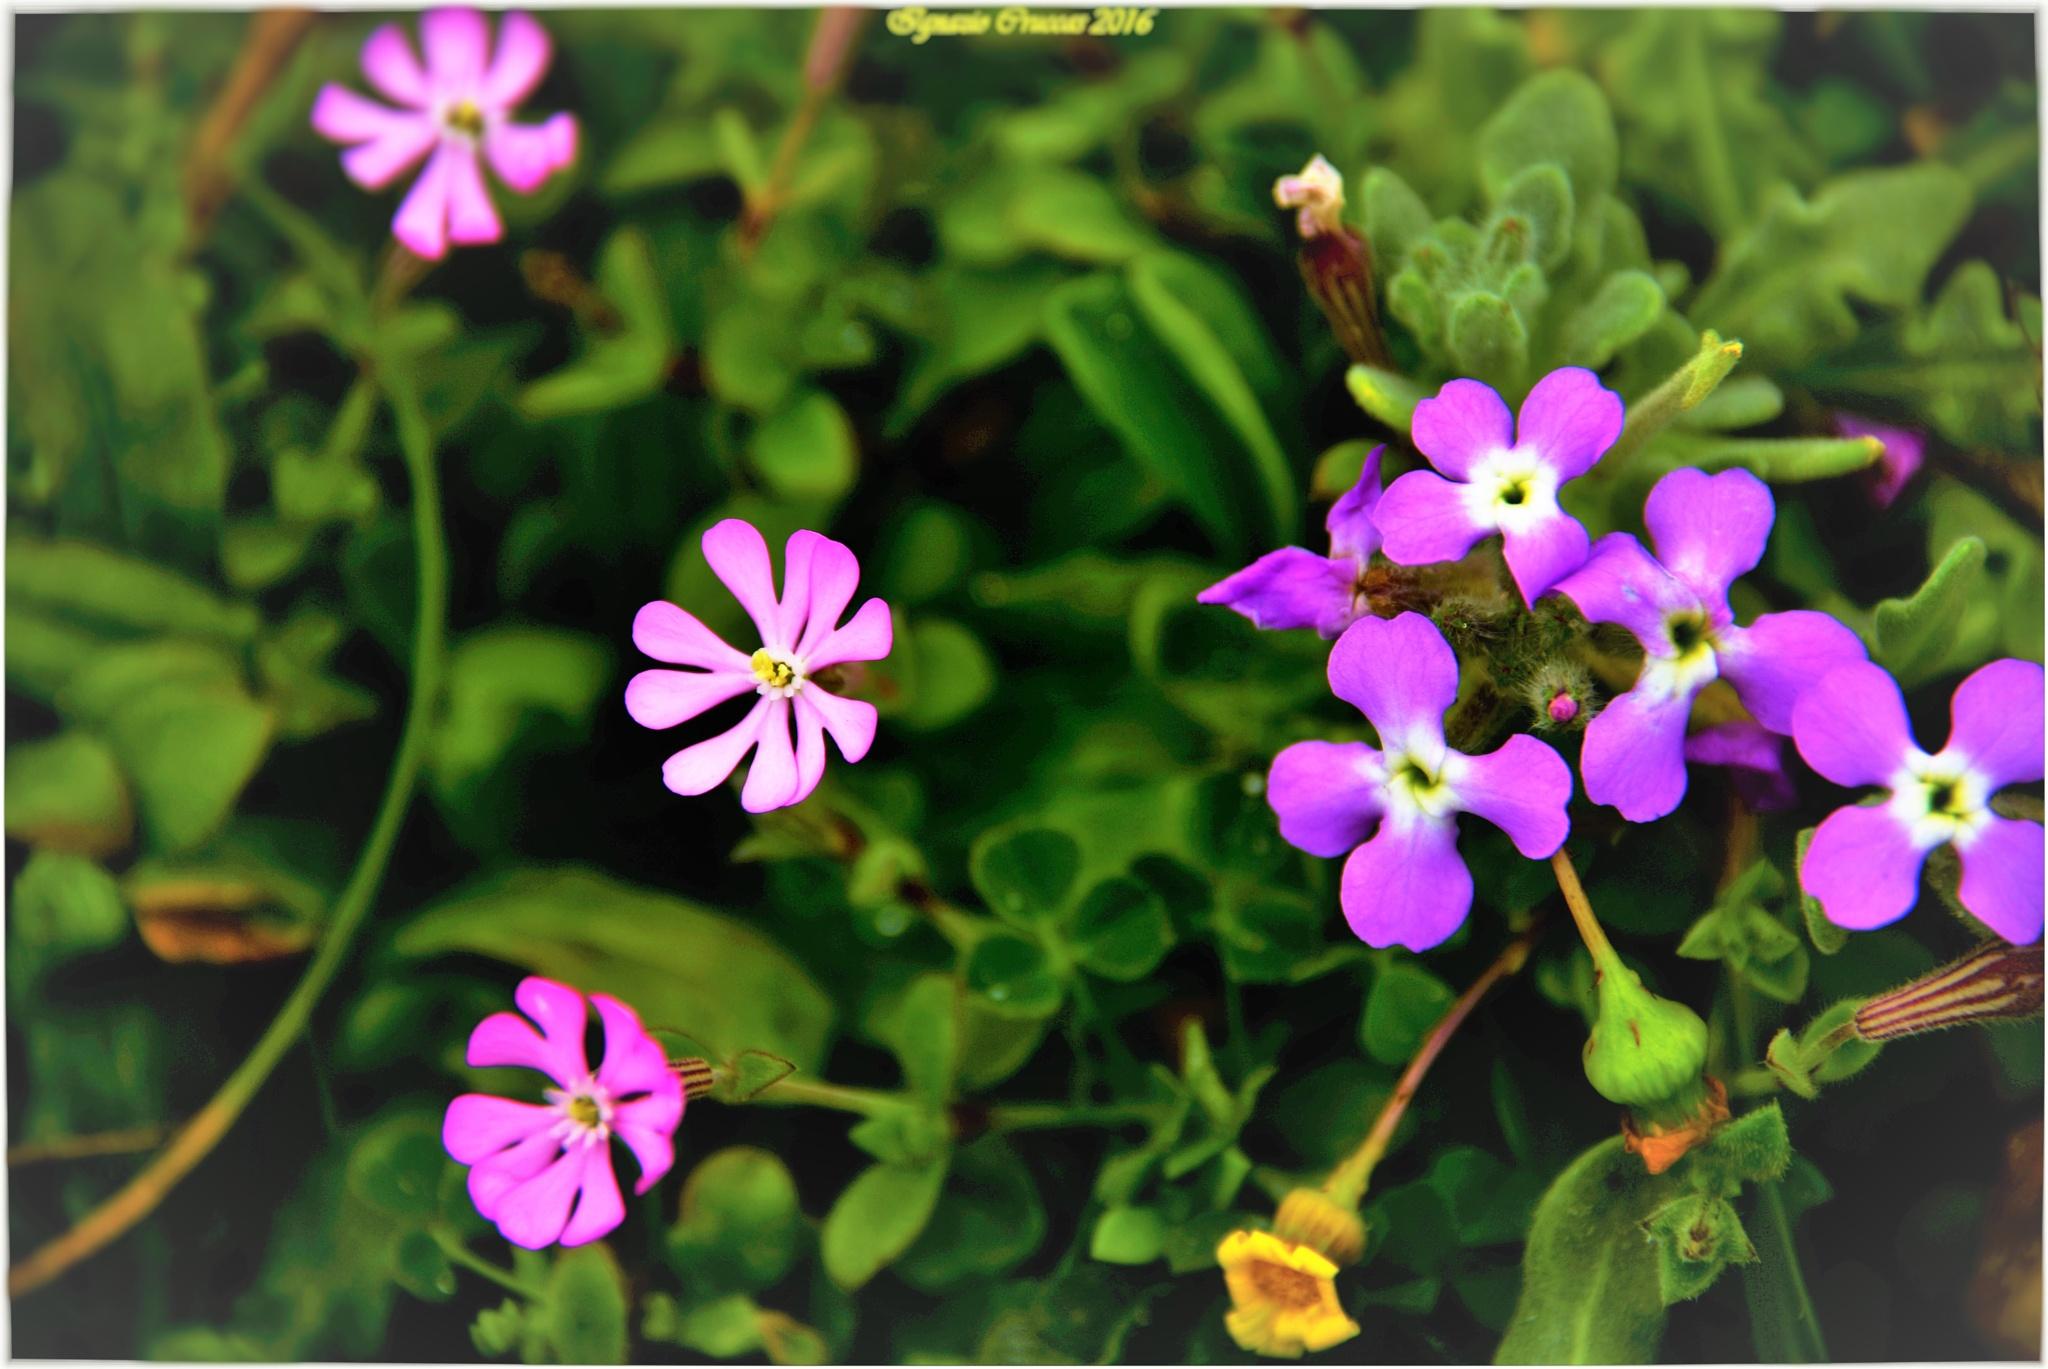 Piccoli fiori selvatici by ignazio cruccas